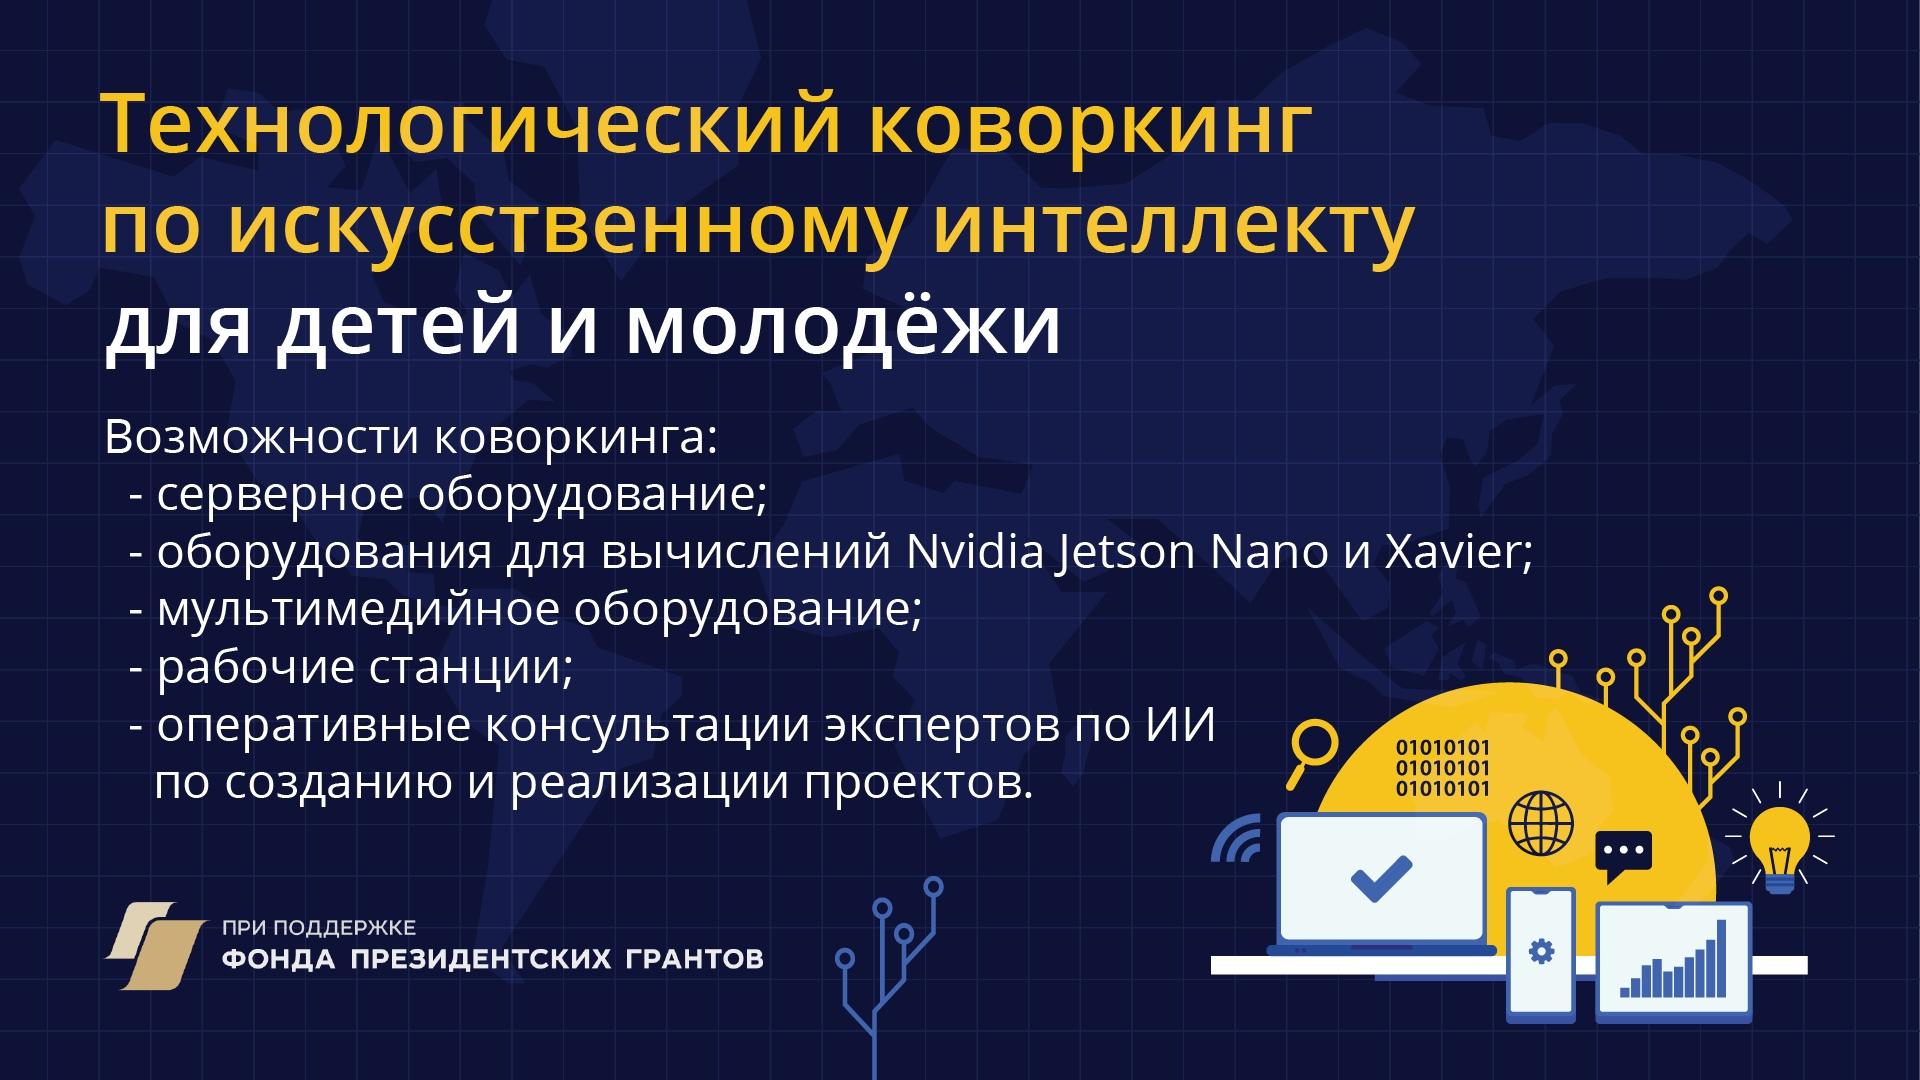 Технологический коворкинг по искусственному интеллекту поддержан Фондом президентских грантов